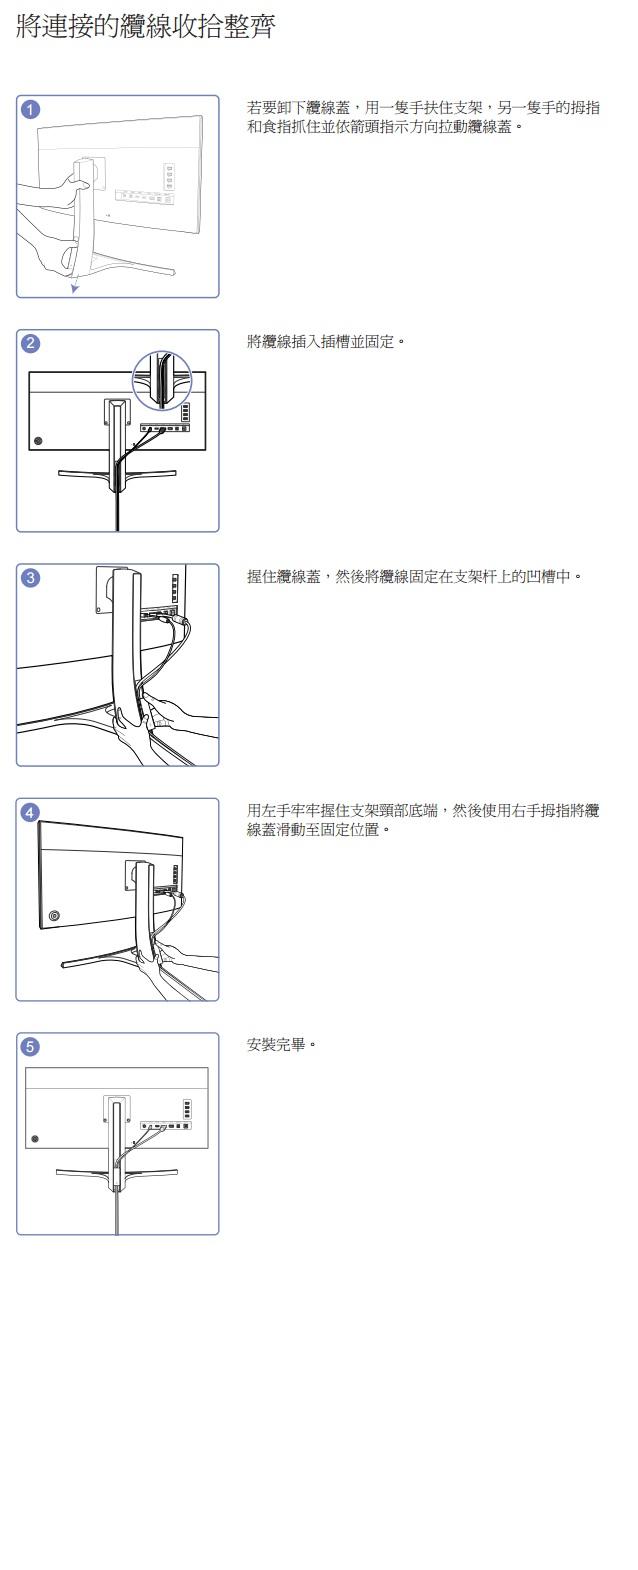 如何拆卸螢幕後方纜線蓋?